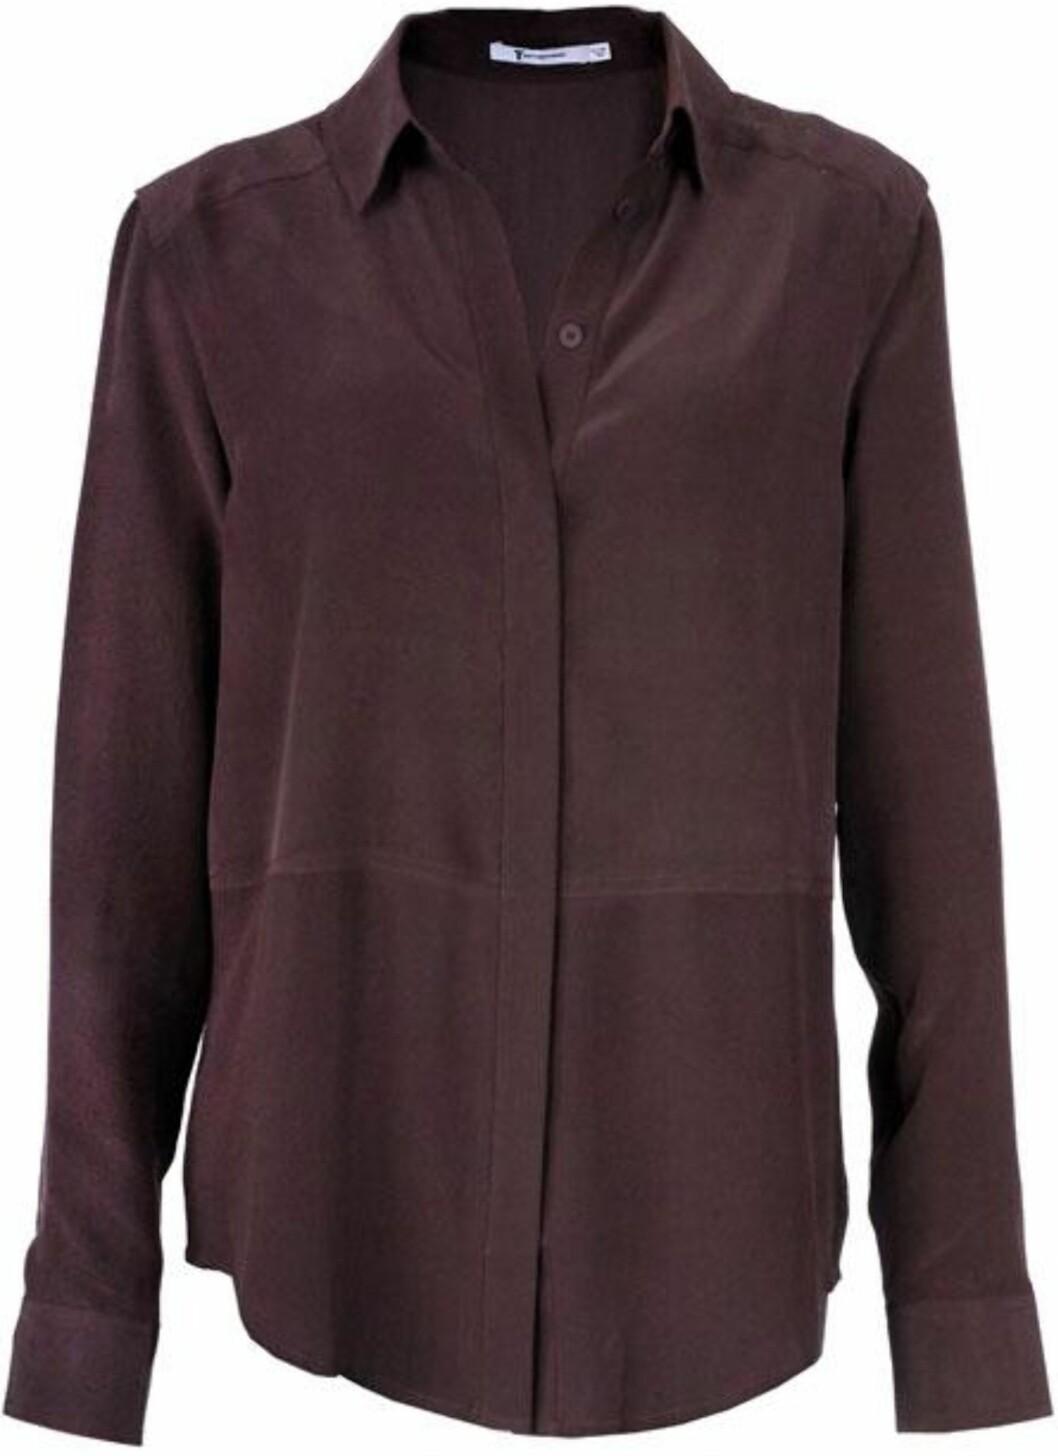 <strong>HVERDAGS OG FEST:</strong> Auberginefarget klassisk bluse i 100 prosent silke fra T by Alexander Wang (kr.1700/Fashionmixology.no). Bruk den til skjørt eller smale bukser med hæler til fest. Til hverdags blir den ekstra stilig med en genser over slik at kragen kommer fram. Foto: Produsenten